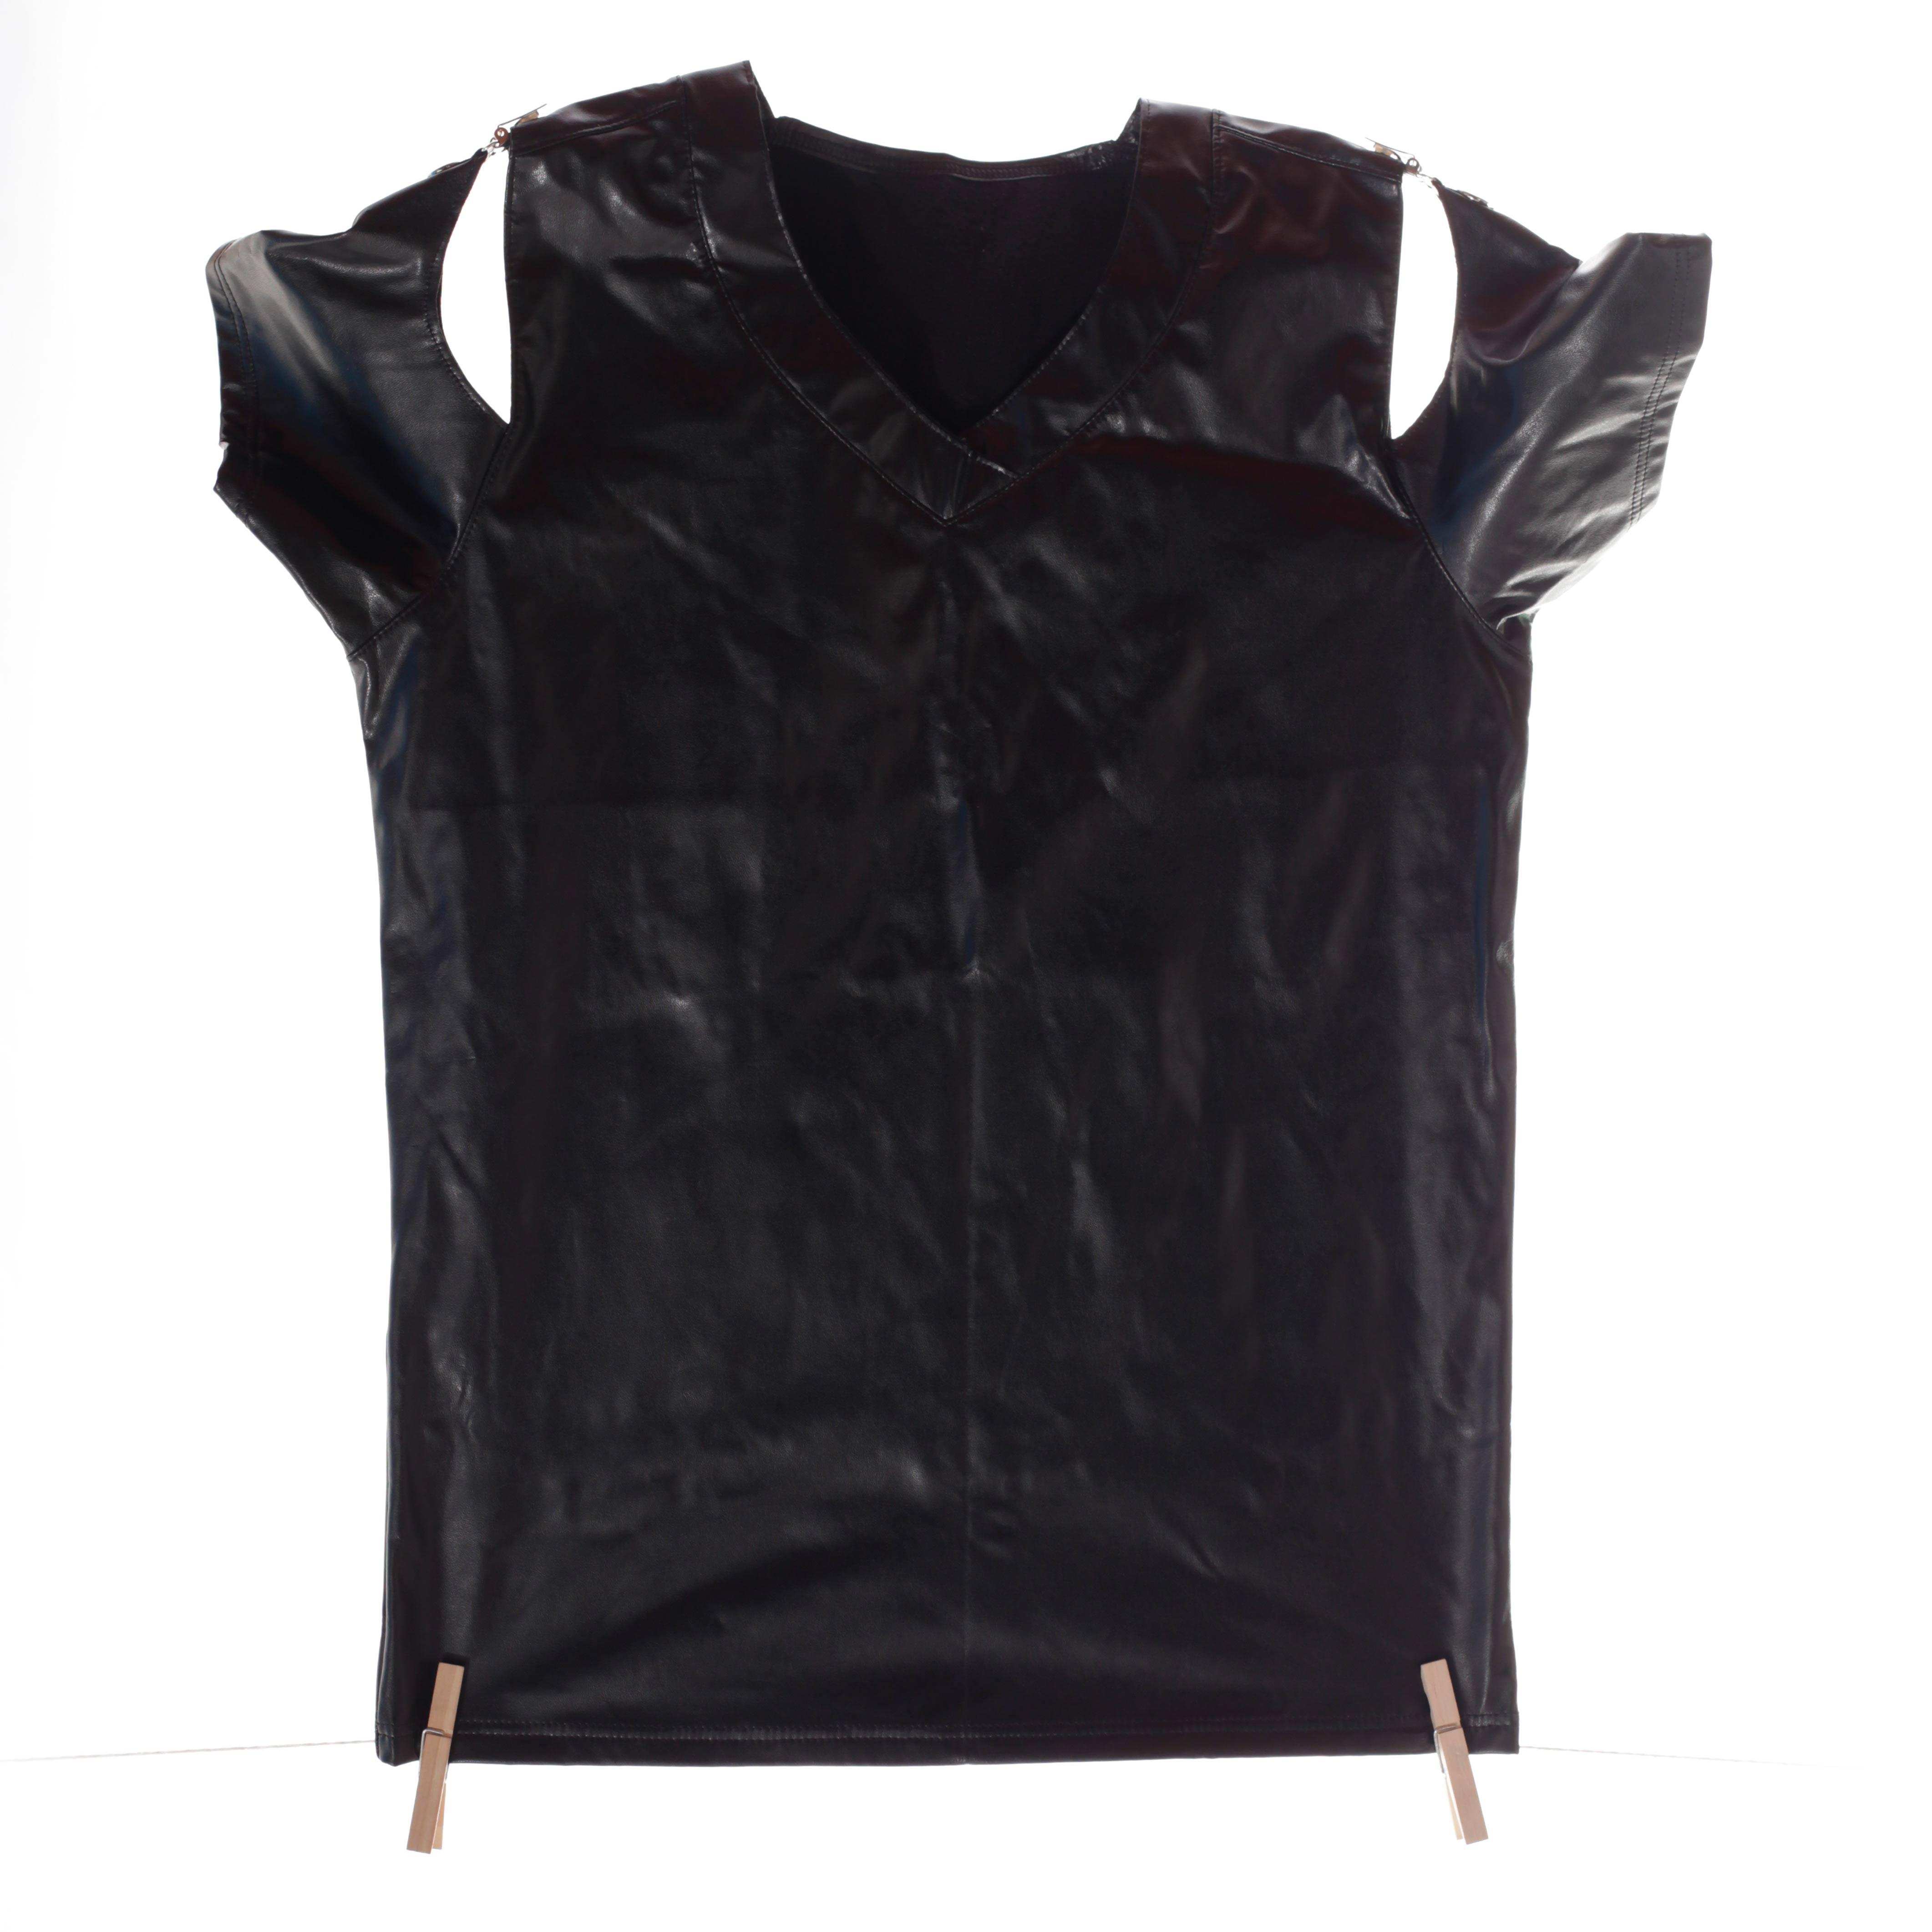 Diese fancy T-Shirt mit Klickverschluss ist ein Only for Me Produkt. Das heißt, es gibt diese online nur bei uns – nur 1x vorrätig! Also schnell zugreifen. Größen Erhältlich in Größe M Materialzusammensetzung festes Leatherlike: 65% Polyester | 35% Polyurethan Besonderheiten Onlyforme-Produkt | figurbetonter Schnitt |…